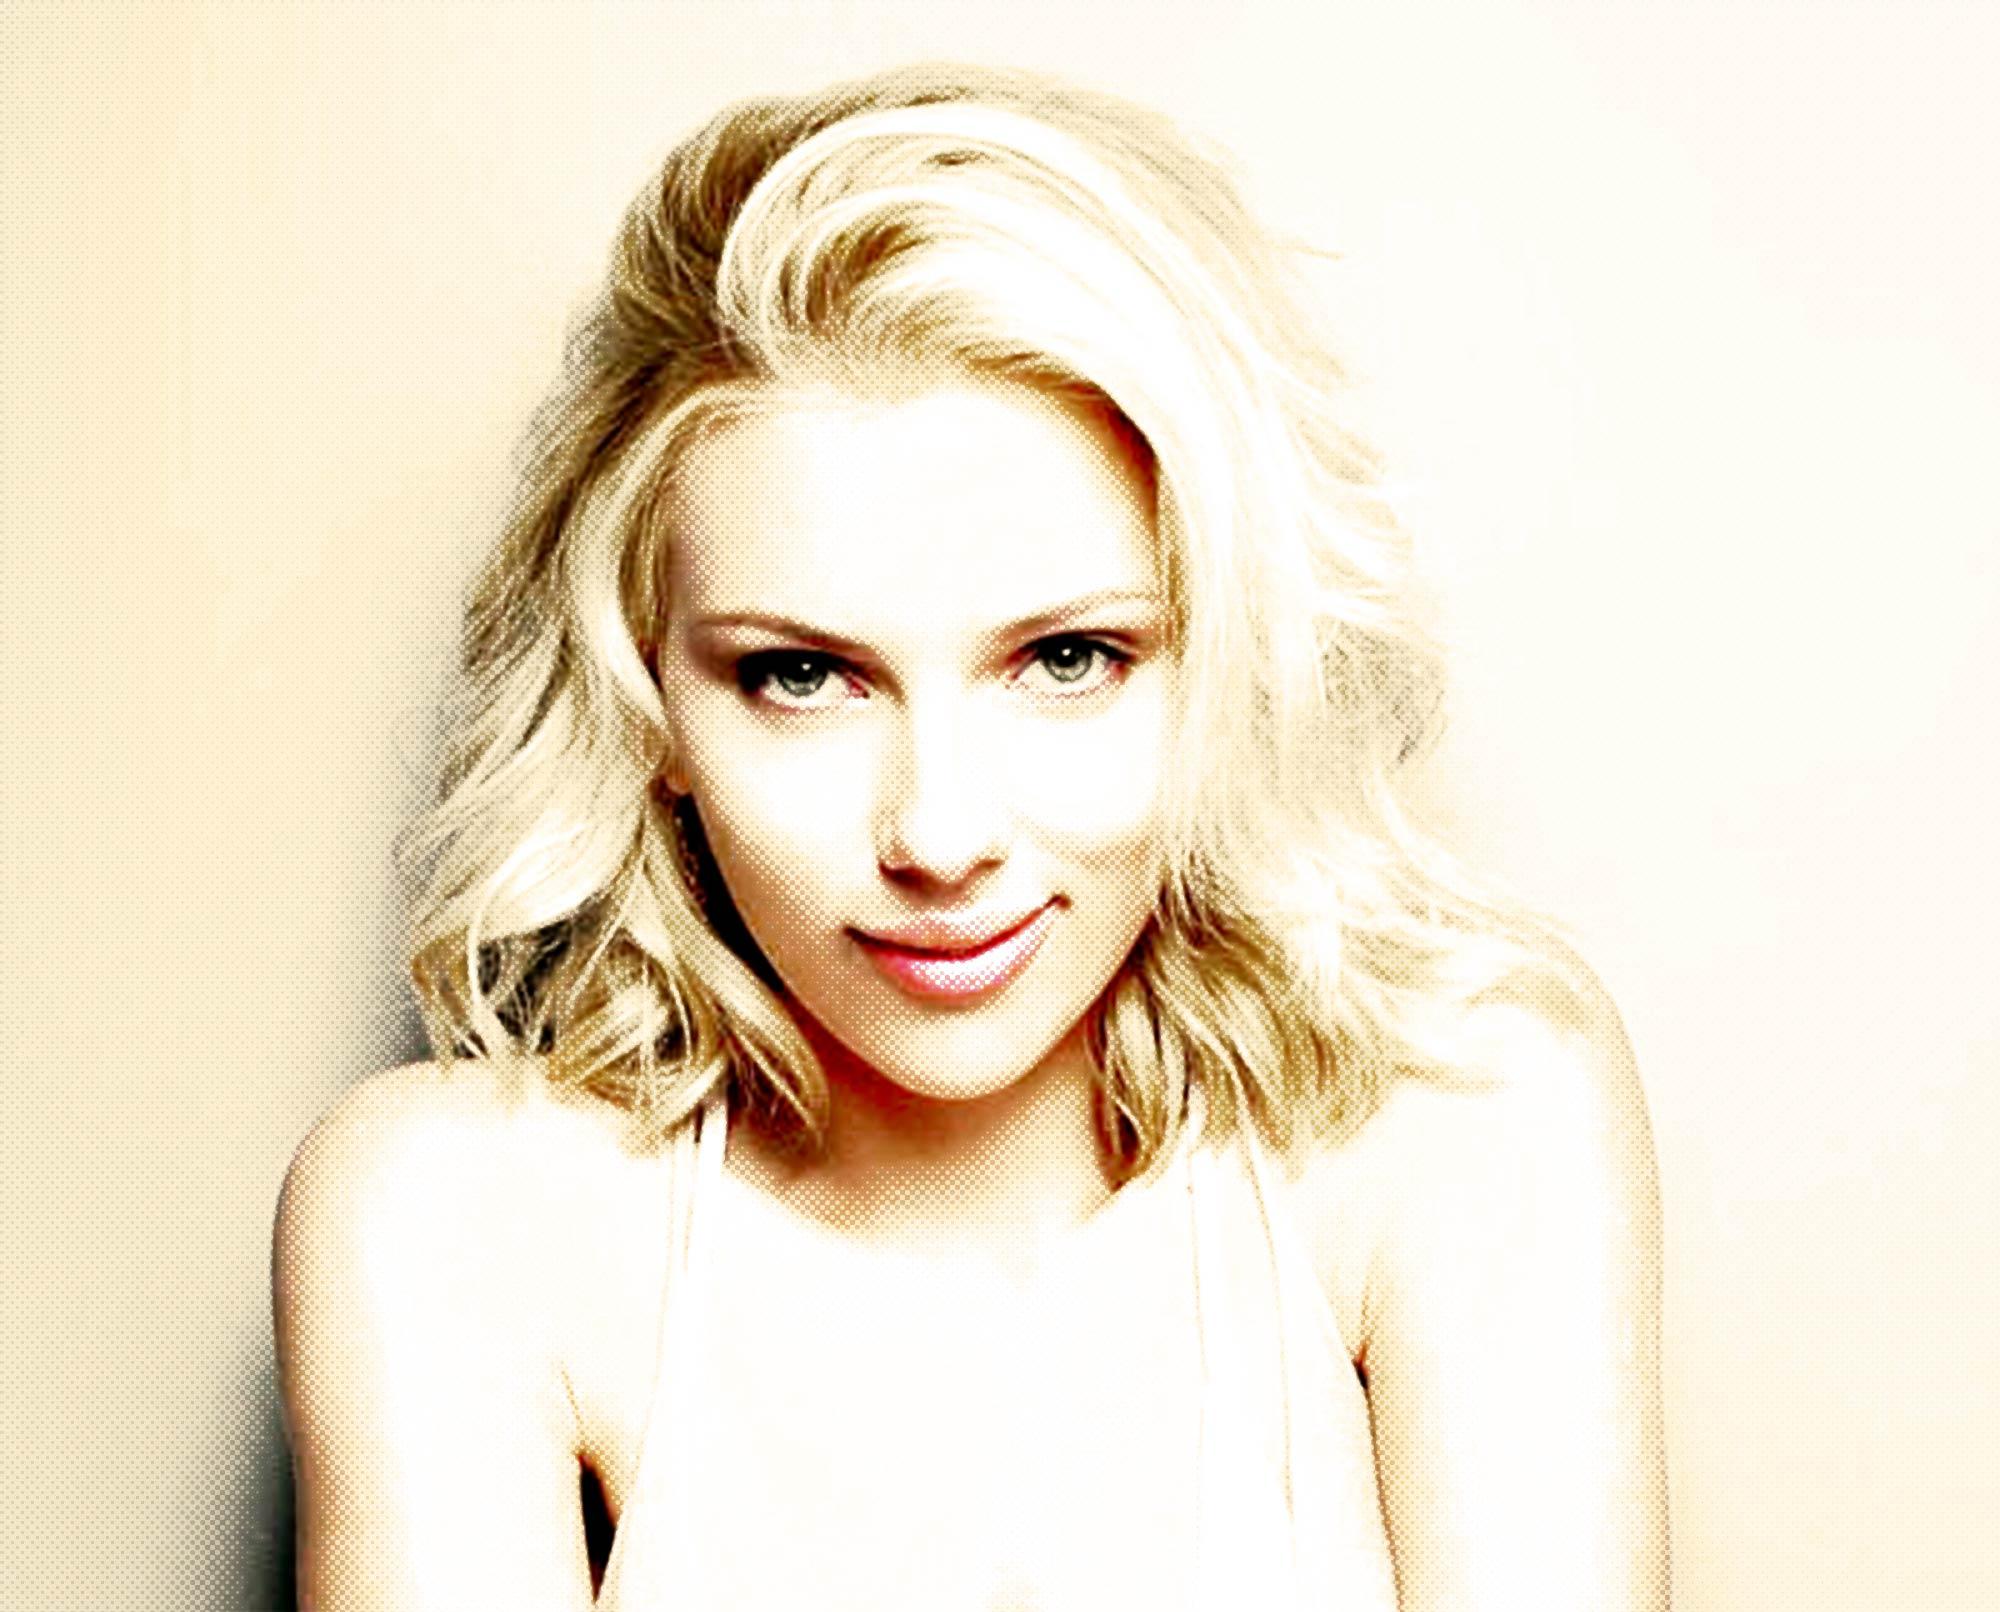 Ilustración gratis - Scarlett Johansson - mujer más sexy 2013